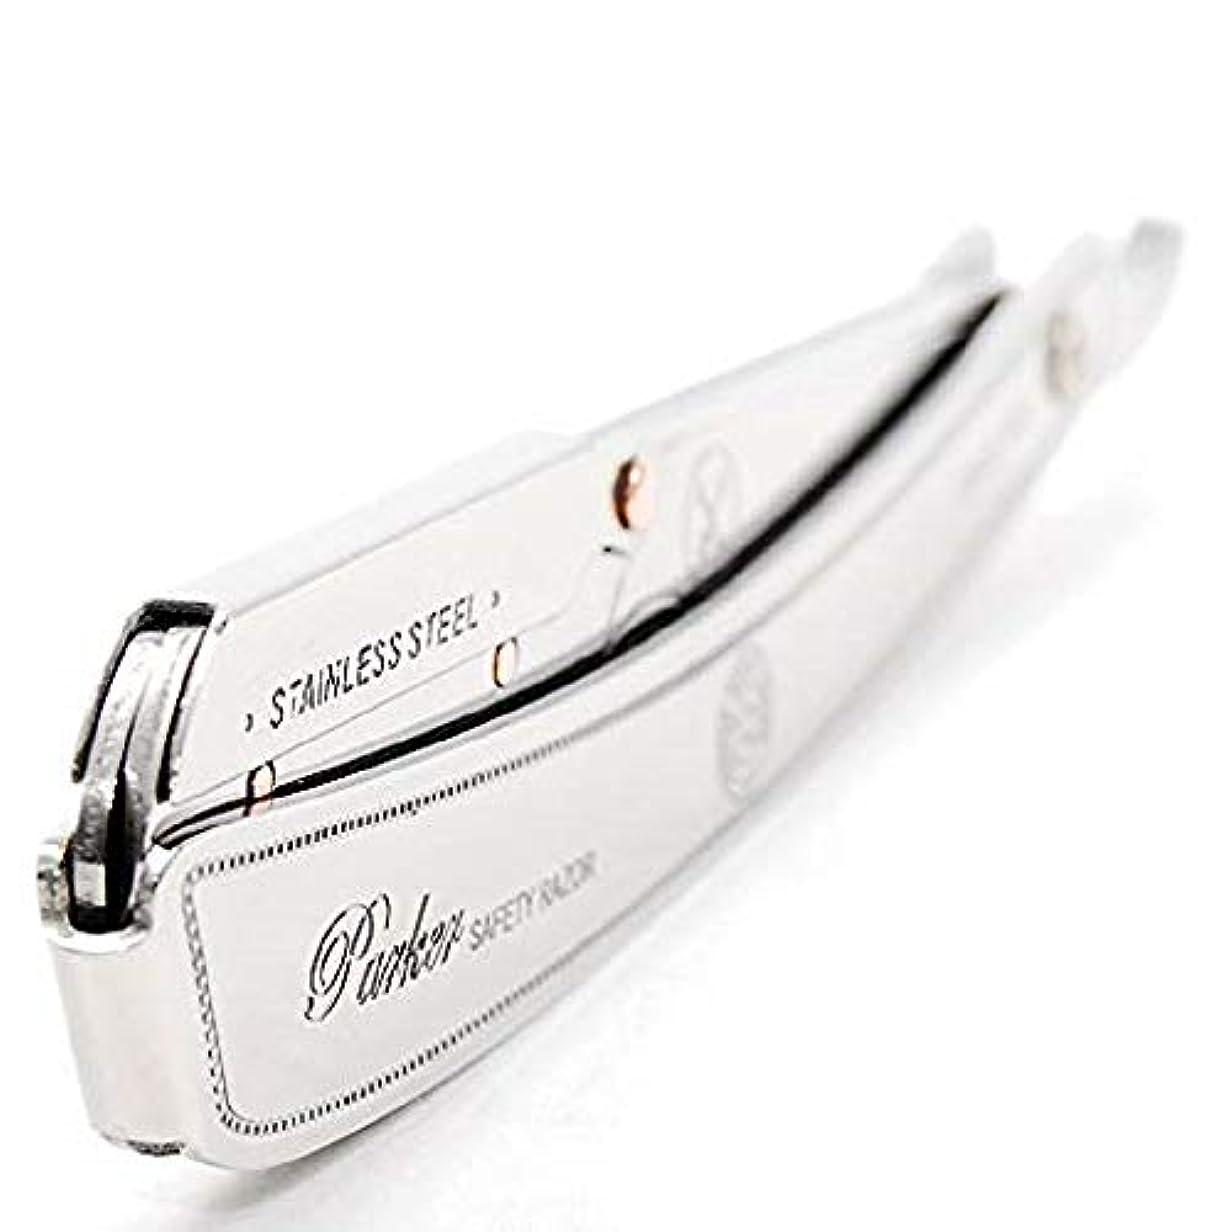 縁趣味接触パーカー(Parker) SRX 剃刀 プロ用 替刃100枚の2点セット [並行輸入品]